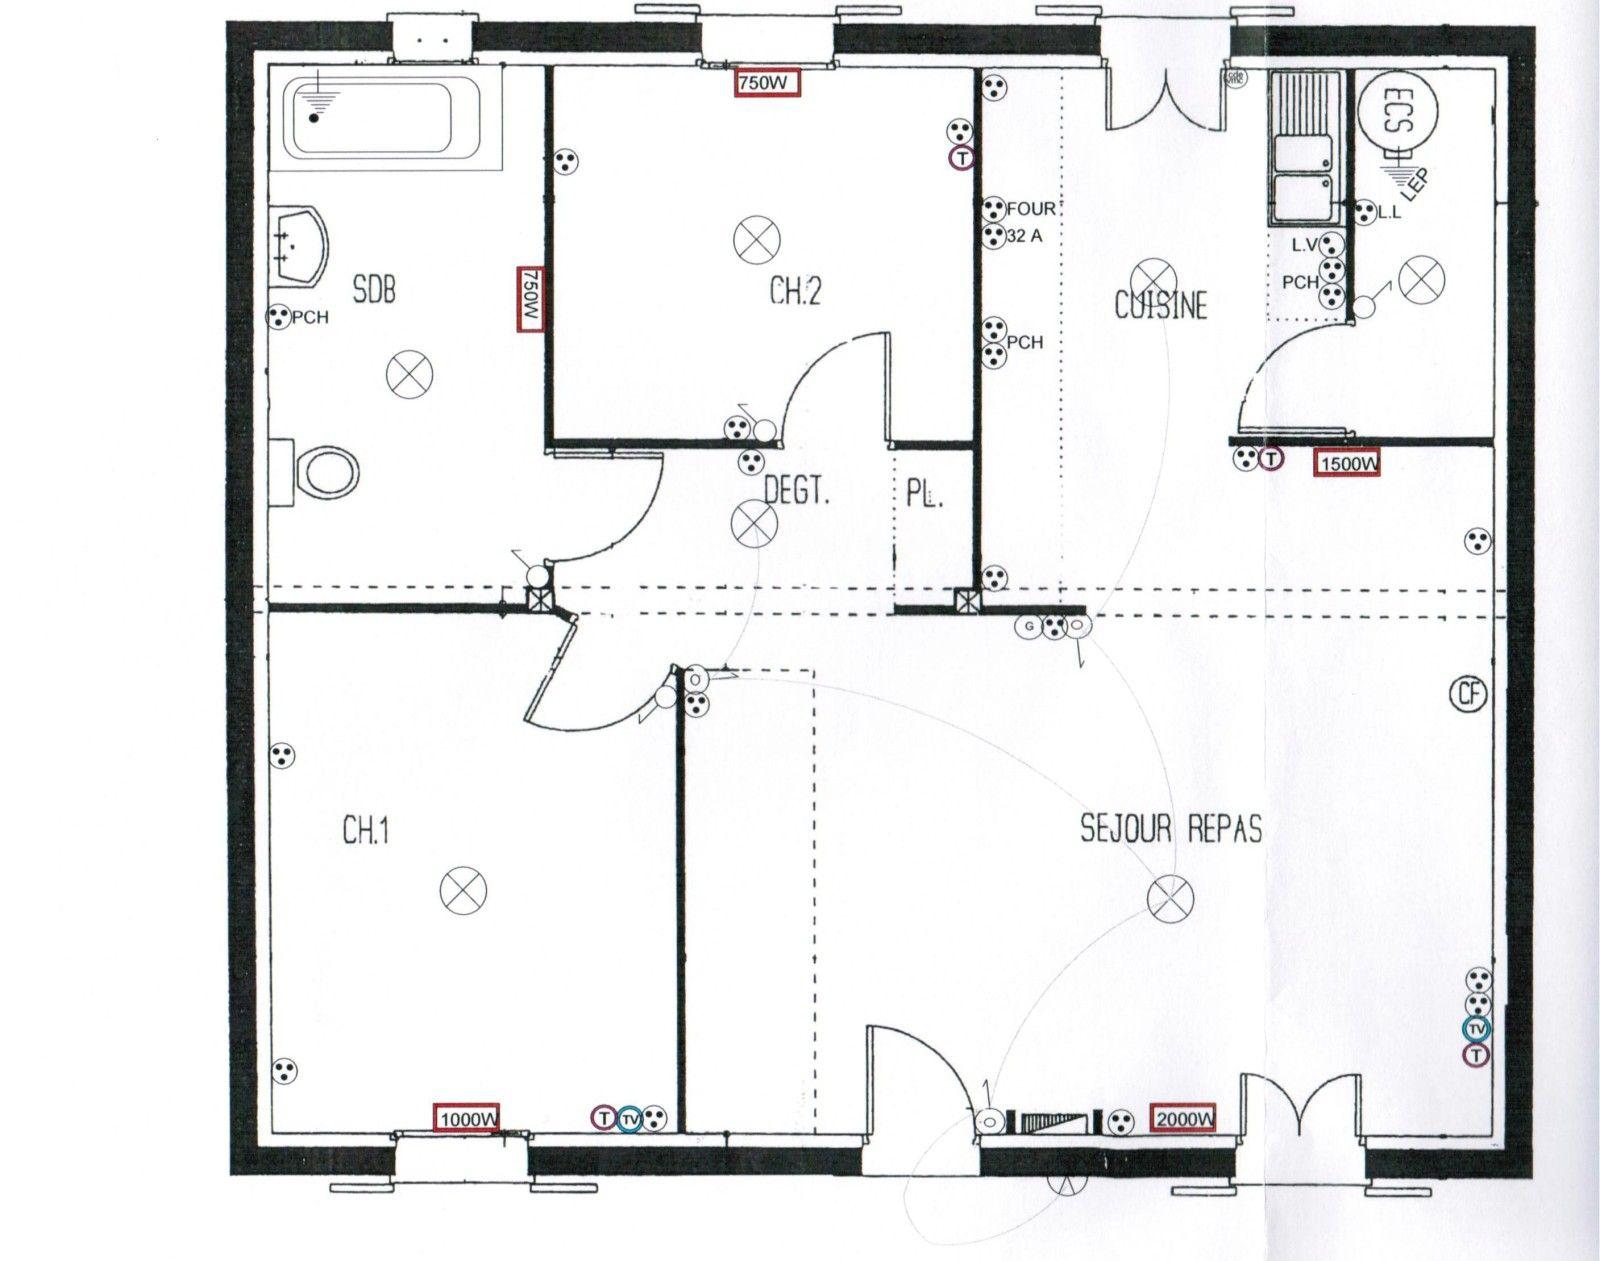 plan maison plain pied 3 chambres en u en 2020 | Maison plain pied, Plan maison plain pied, Plan ...